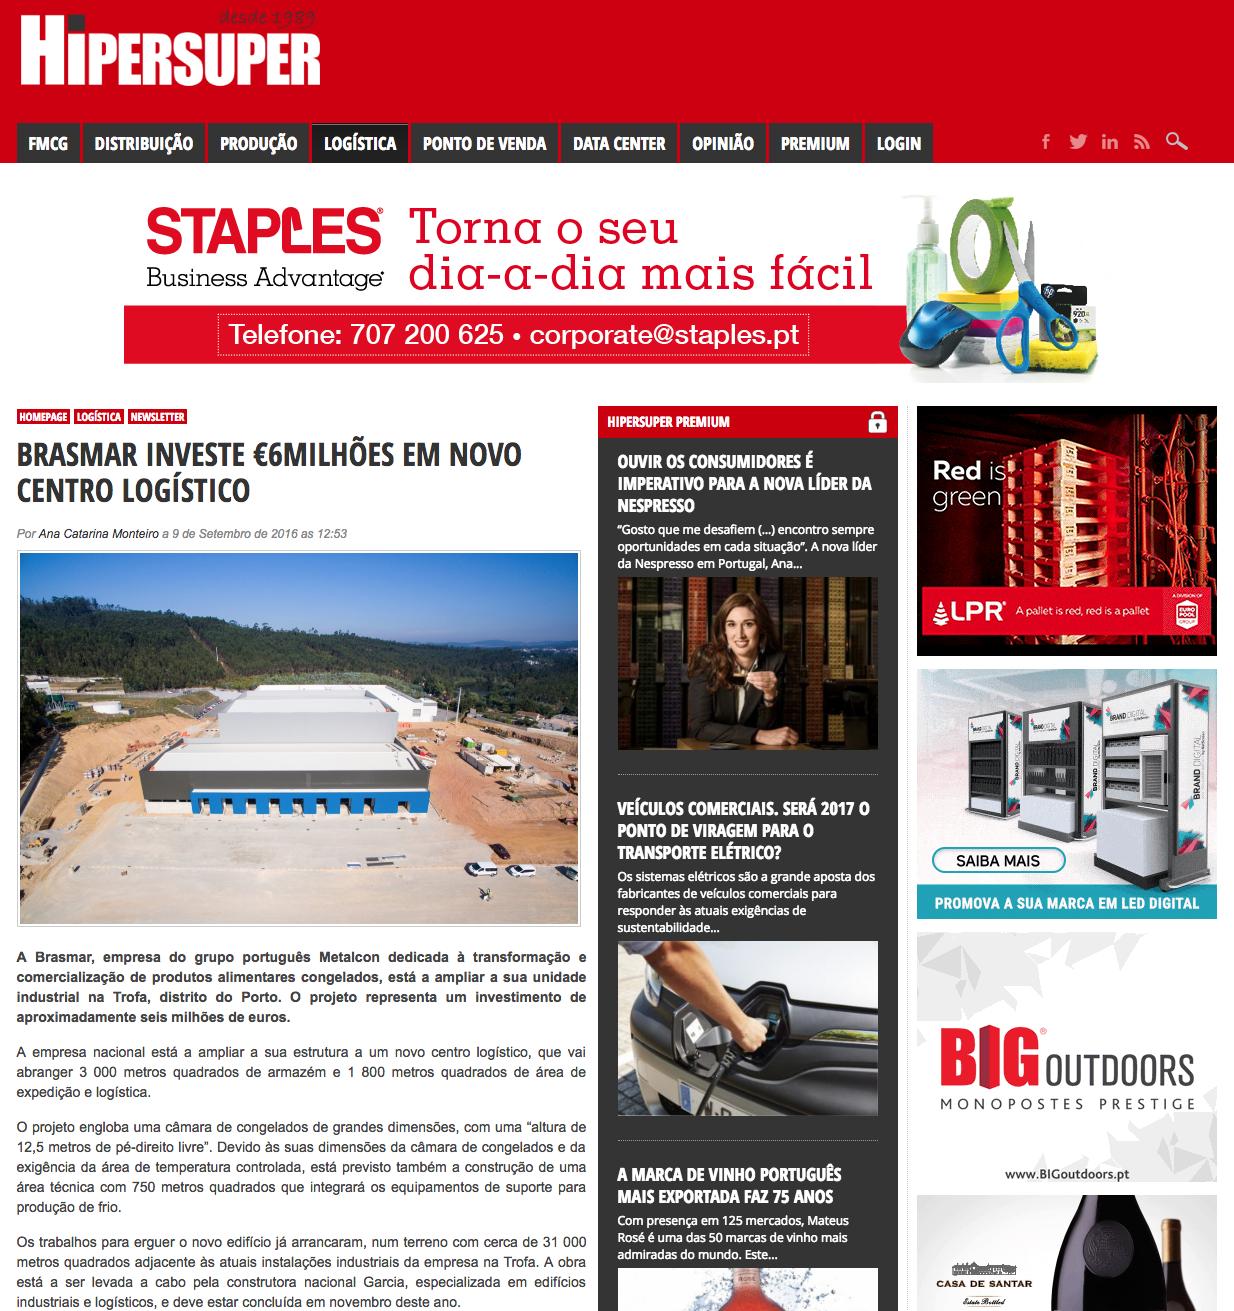 Brasmar investe €6Milhões em Novo Centro Logístico – Hipersuper